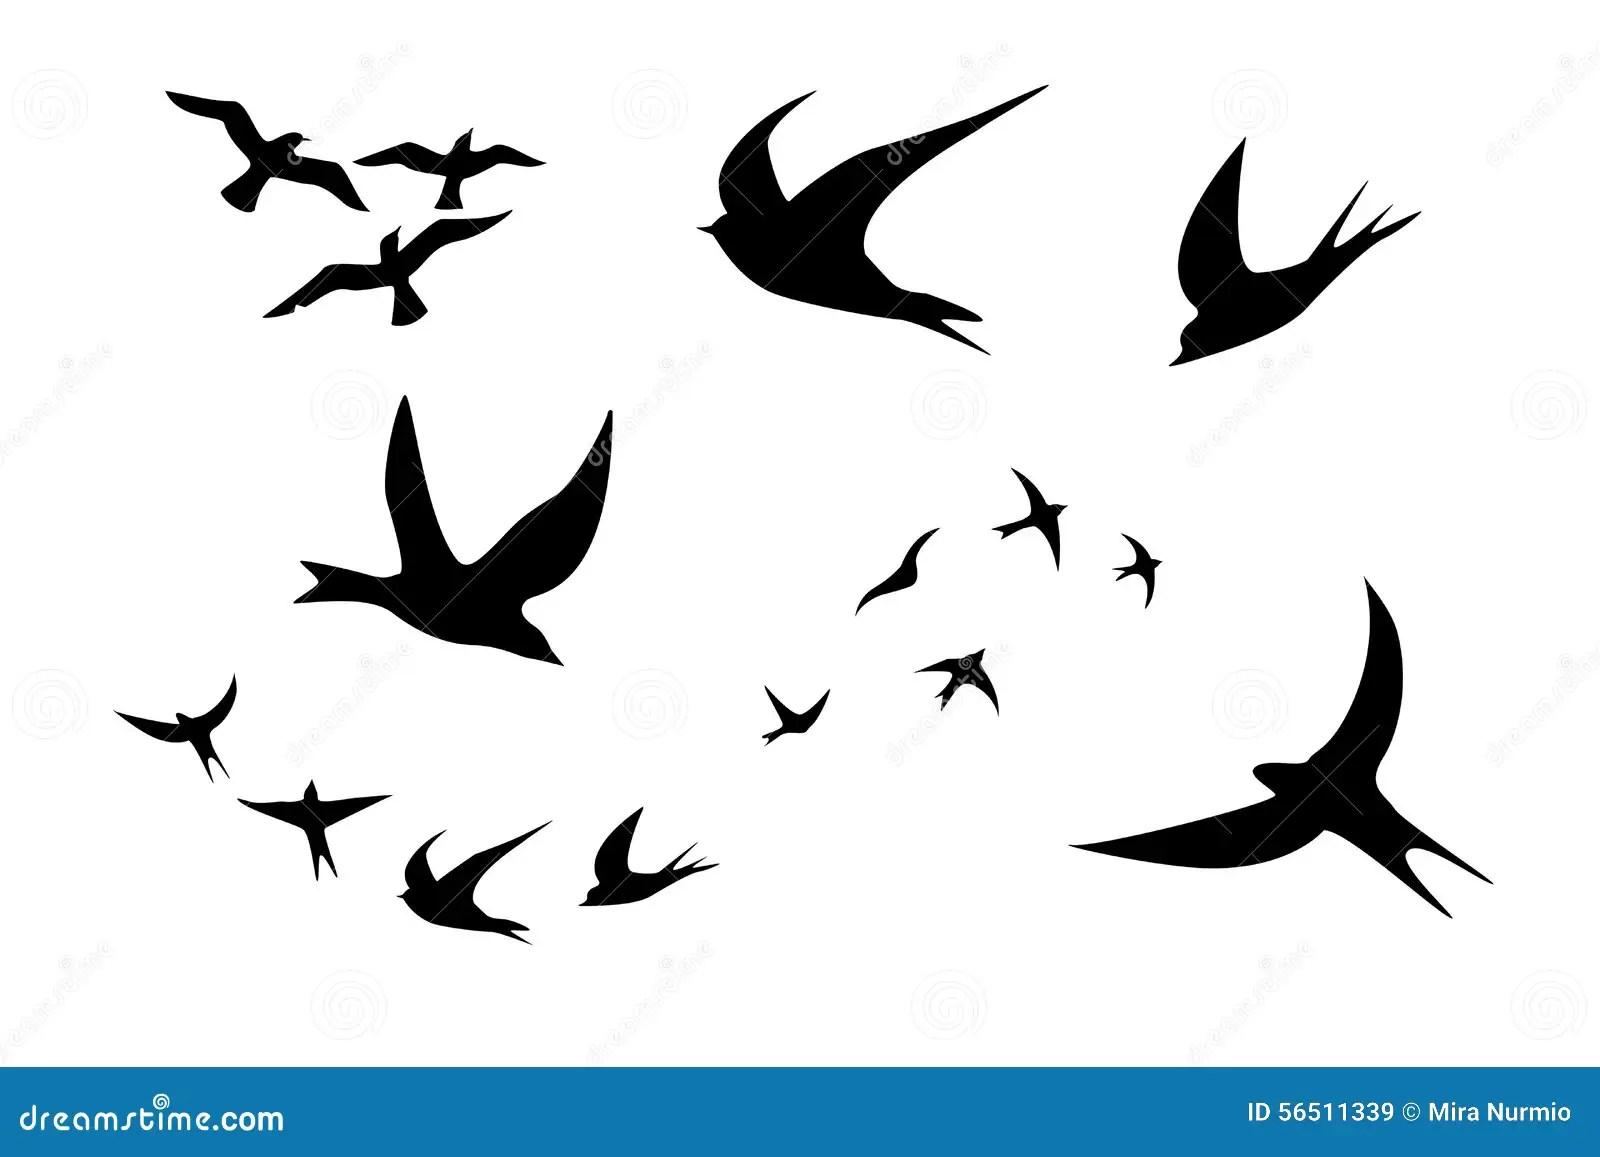 Clipart De Silhouette D Oiseau Illustration Stock